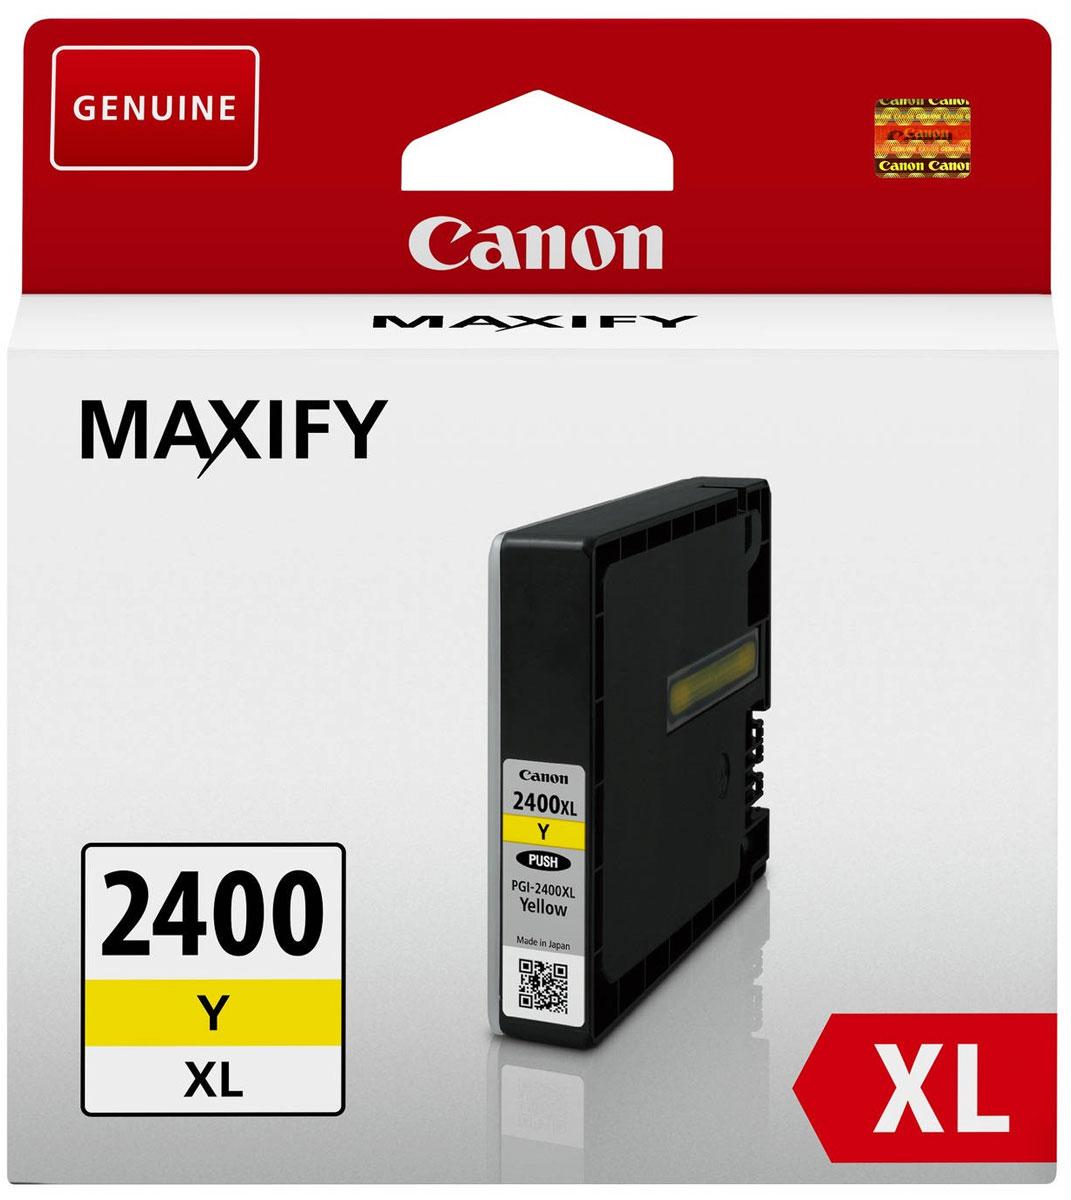 Canon PGI-2400XL, Yellow картридж для Maxify iB4040/МВ5040/МВ53409276B001Оригинальный картридж Canon PGI-2400XL с оригинальными чернилами гарантирует профессиональный вид печатаемых документов и высокую производительность. Надежная печать без проблем. Точная цветопередача и быстрое высыхание. Для получения красивых и долговечных отпечатков сделайте выбор в пользу чернил Canon.